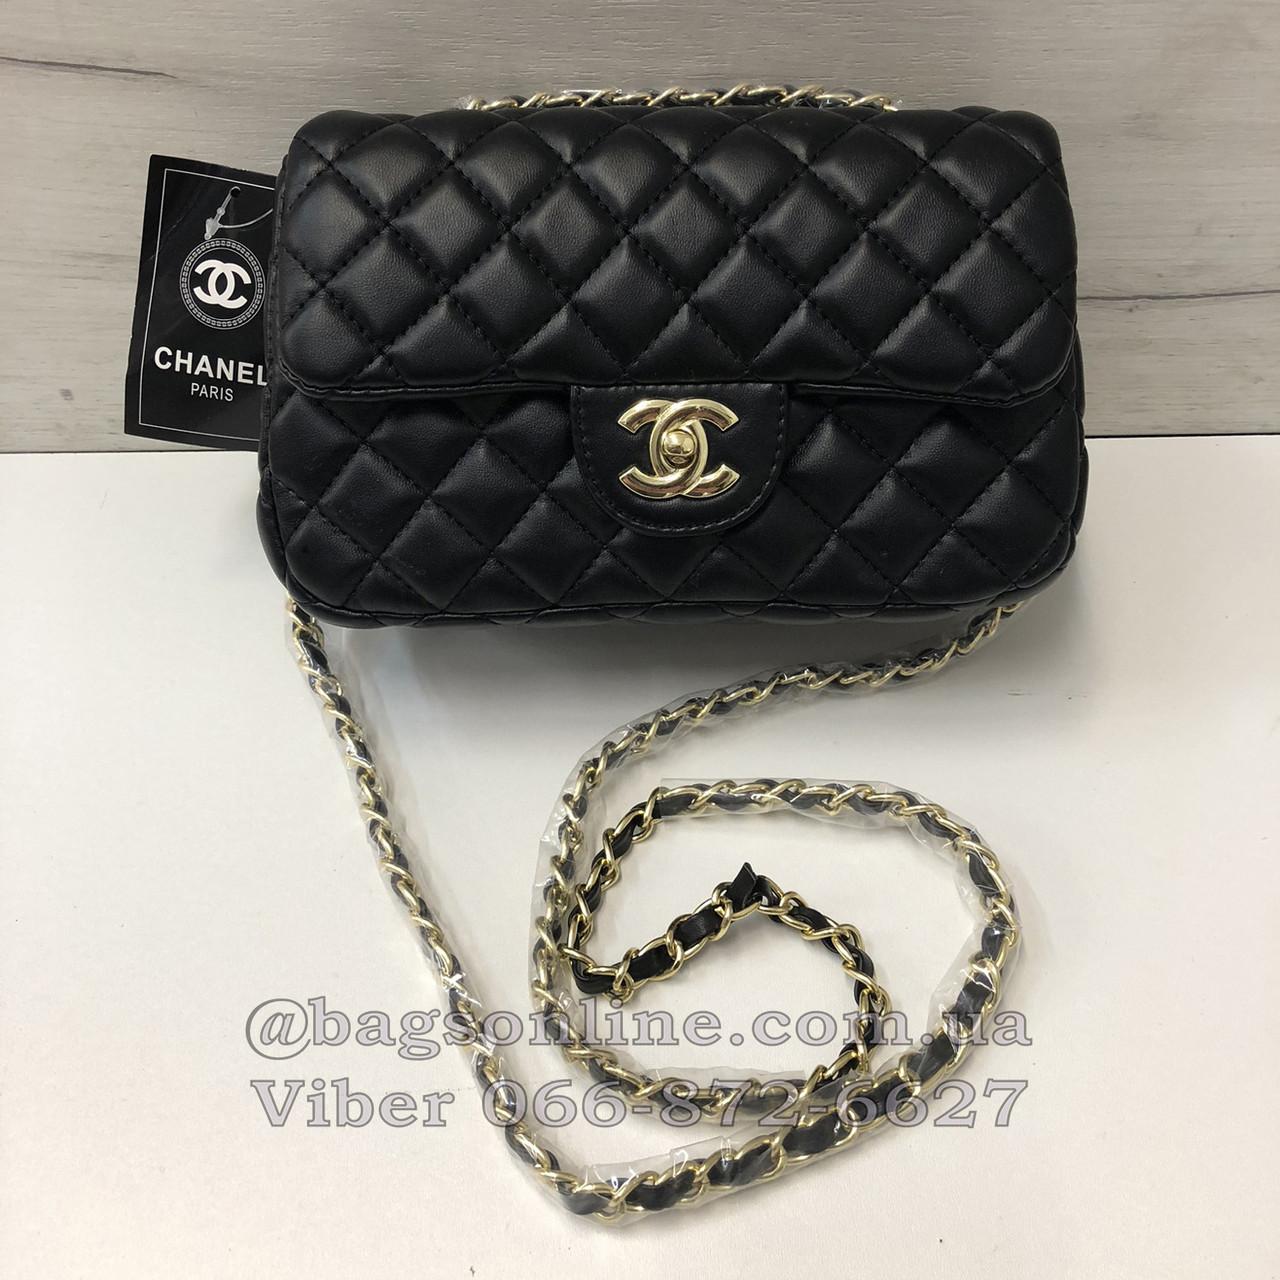 d9cb72a1965c Сумка в стиле Шанель / клатч реплика Chanel Черный - BagsOnline - твоя  идеальная сумочка в